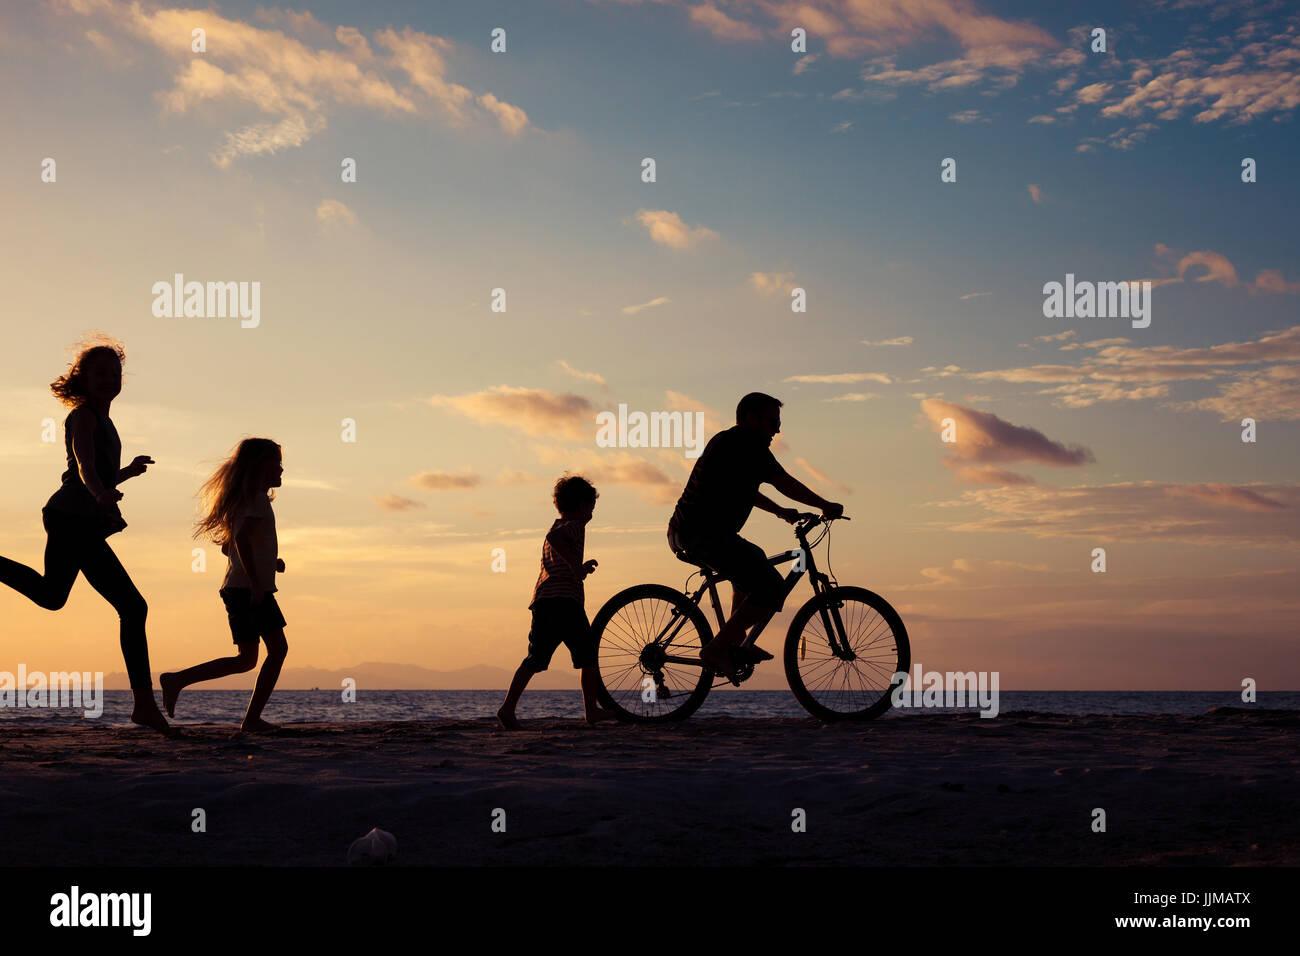 Padre e figli giocando sulla spiaggia al tramonto. Concetto di famiglia amichevole. Immagini Stock